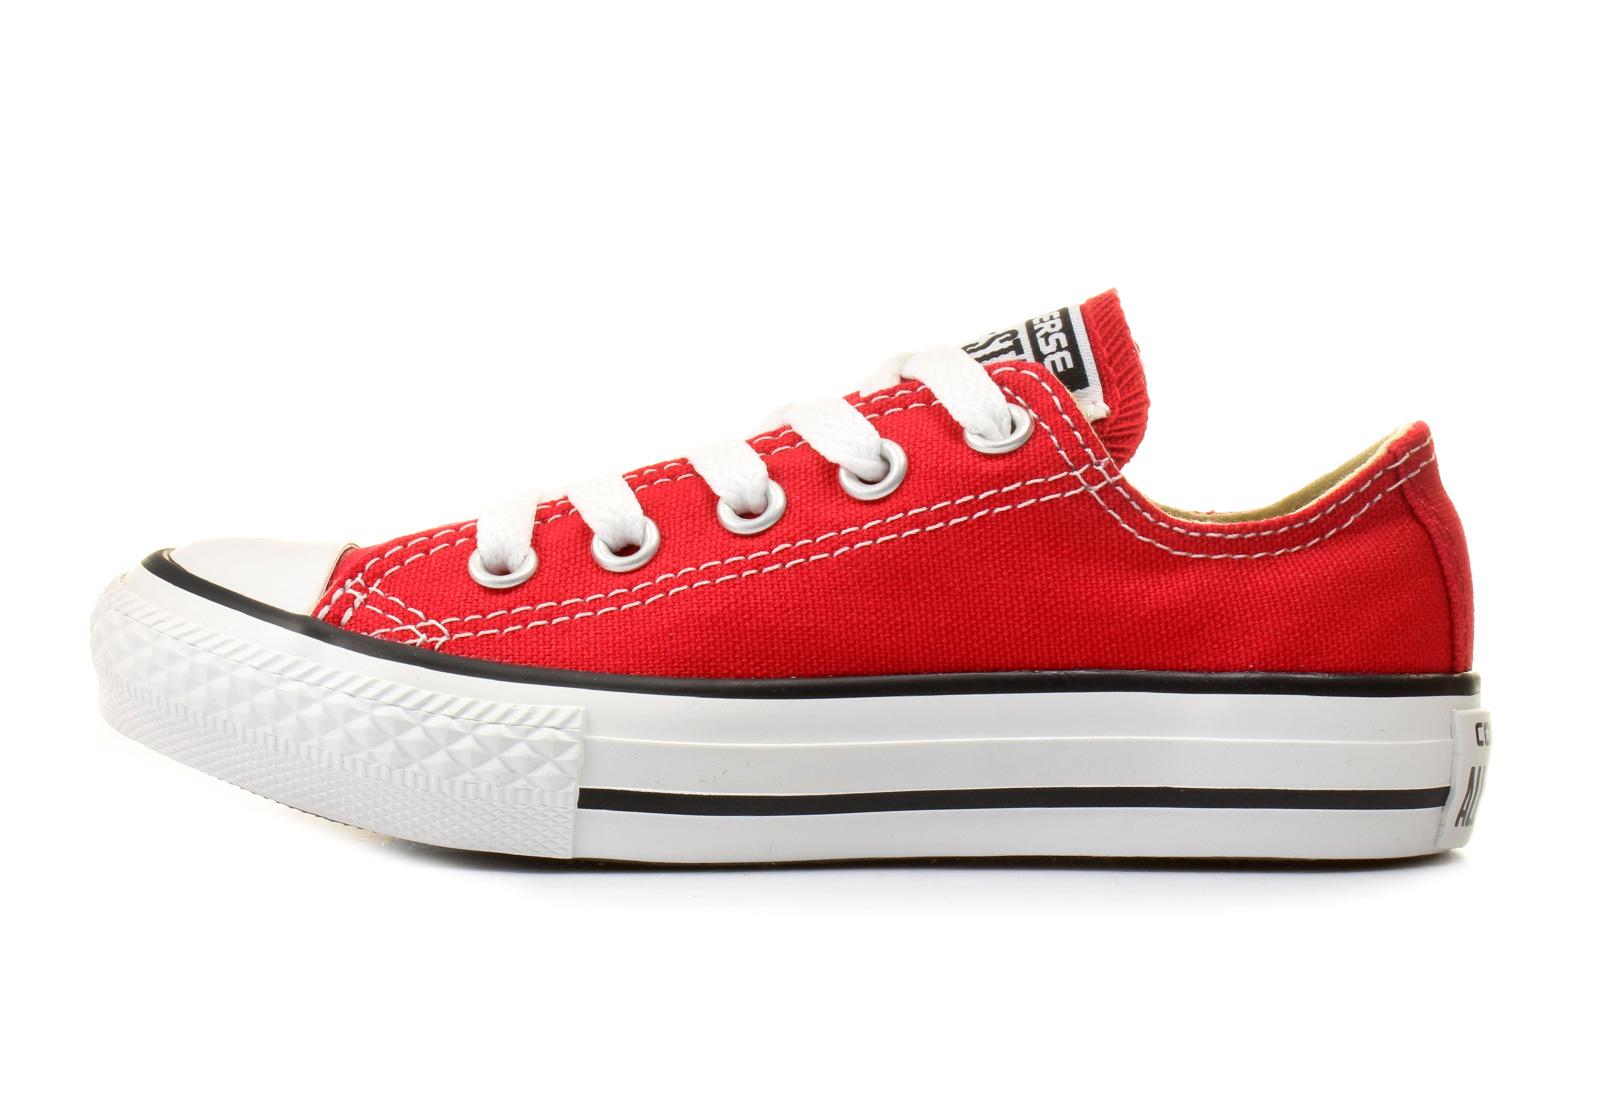 Converse Tornacipő - Ct As Kids Core Ox - 3J236C - Office Shoes ... 6a5439e959